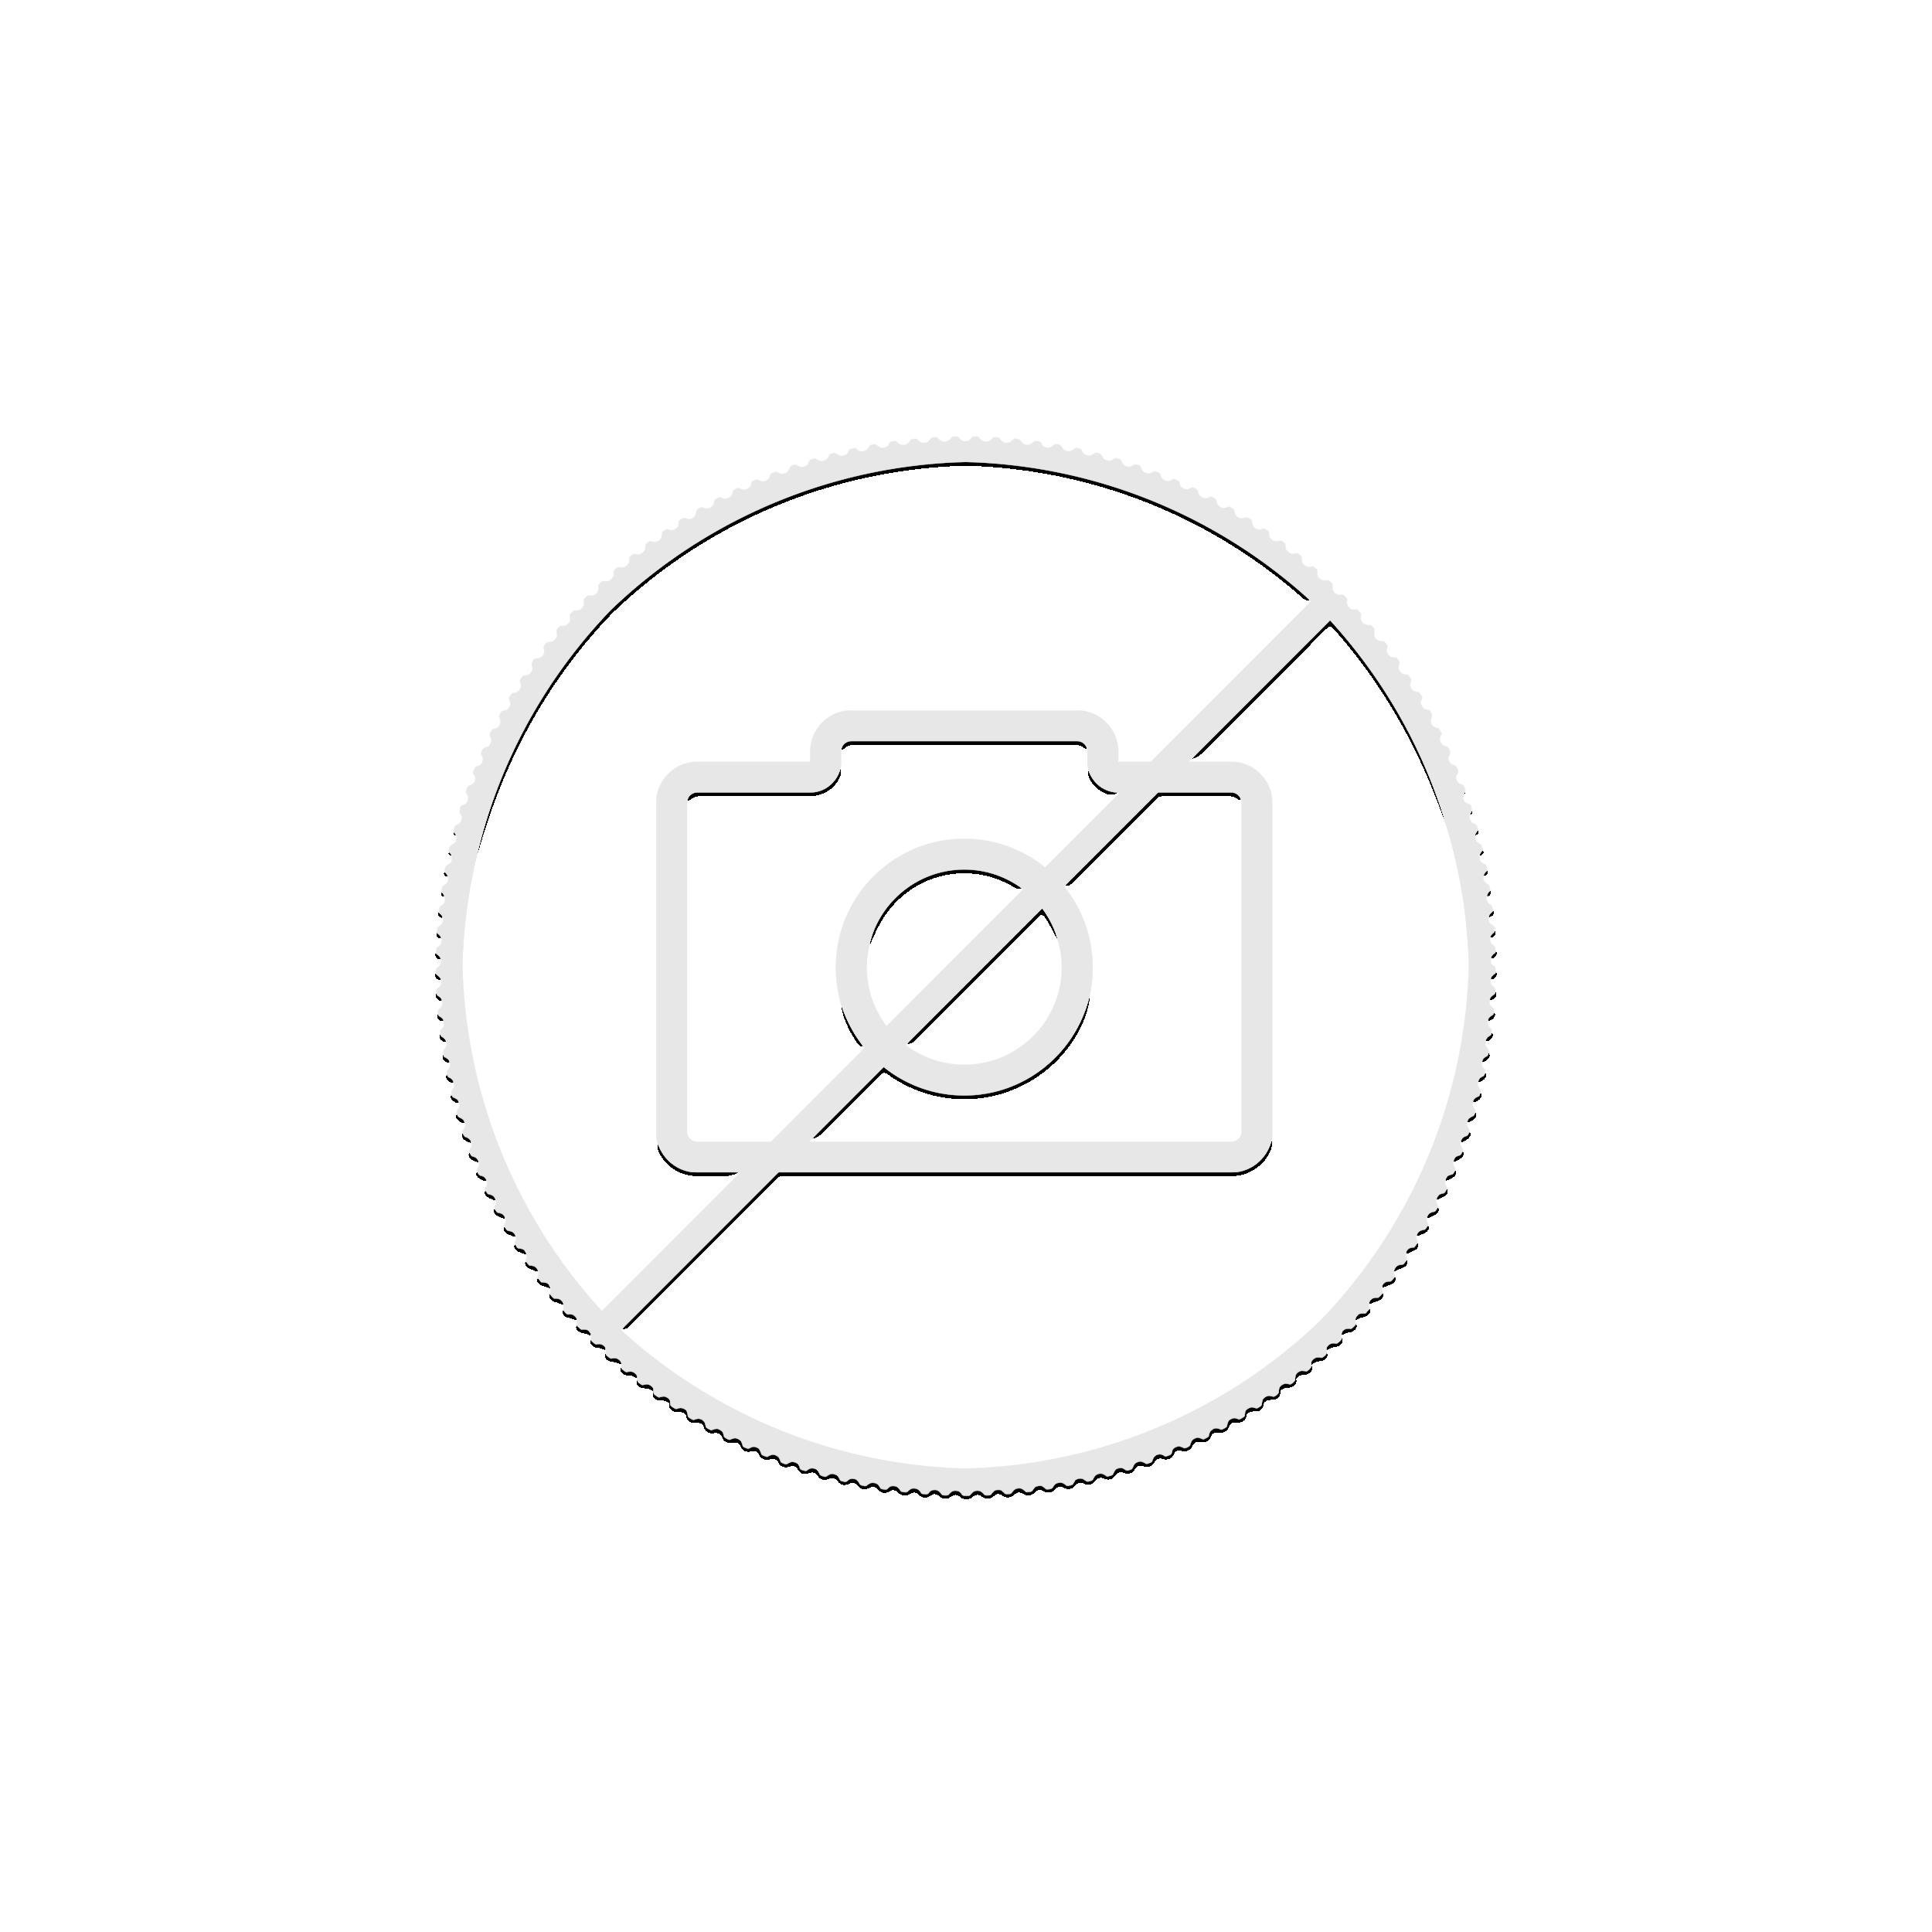 1 Troy ounce zilveren munt Kookaburra 2013